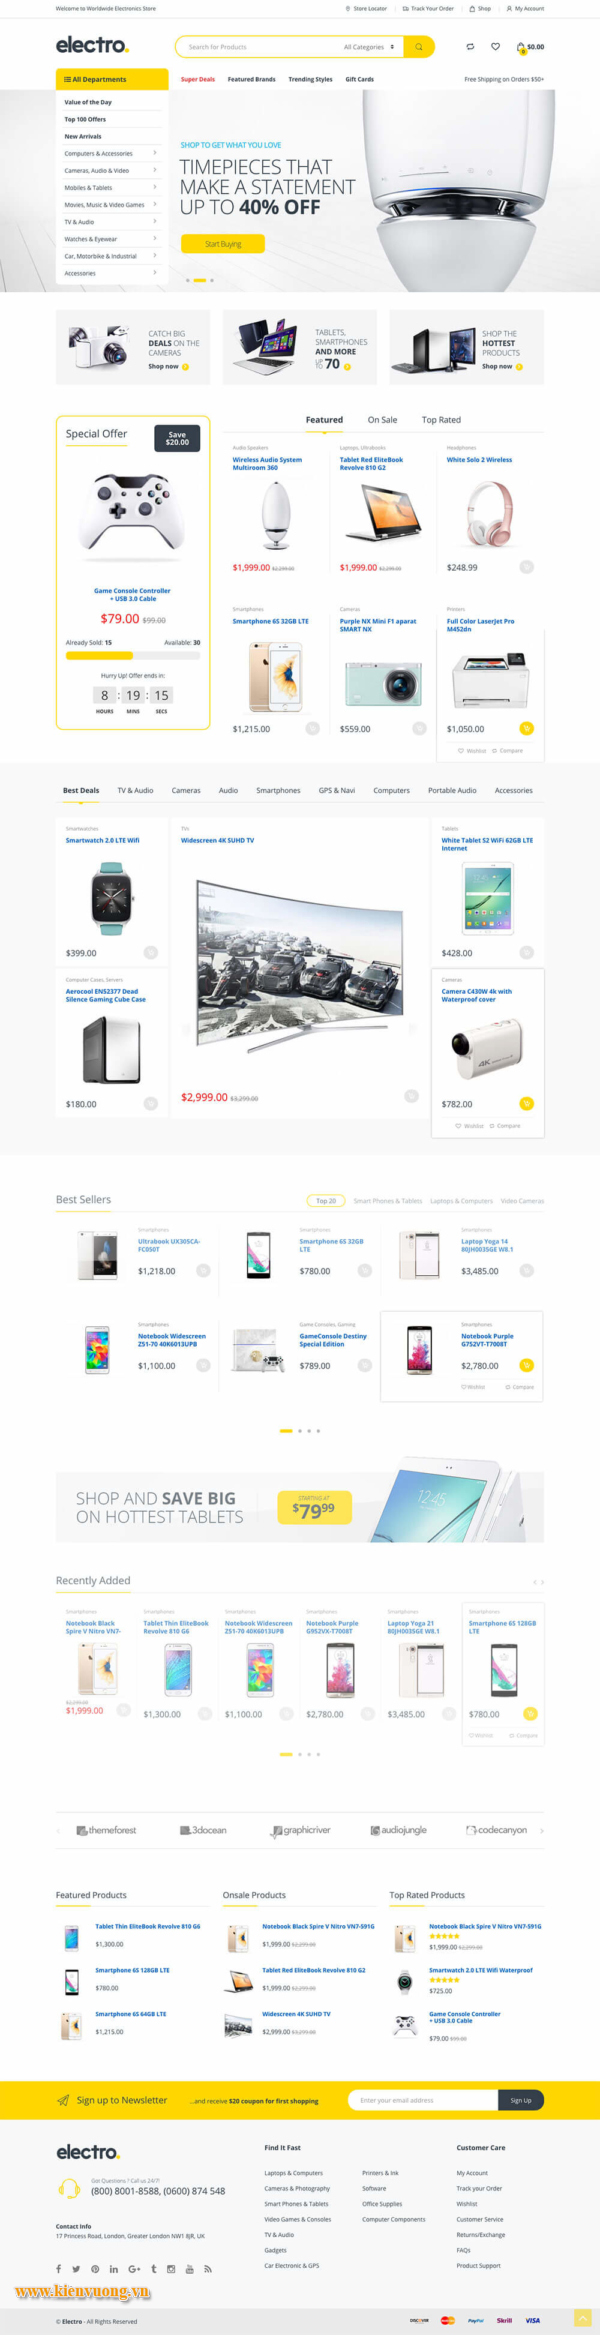 các mẫu website bán hàng đẹp nhất